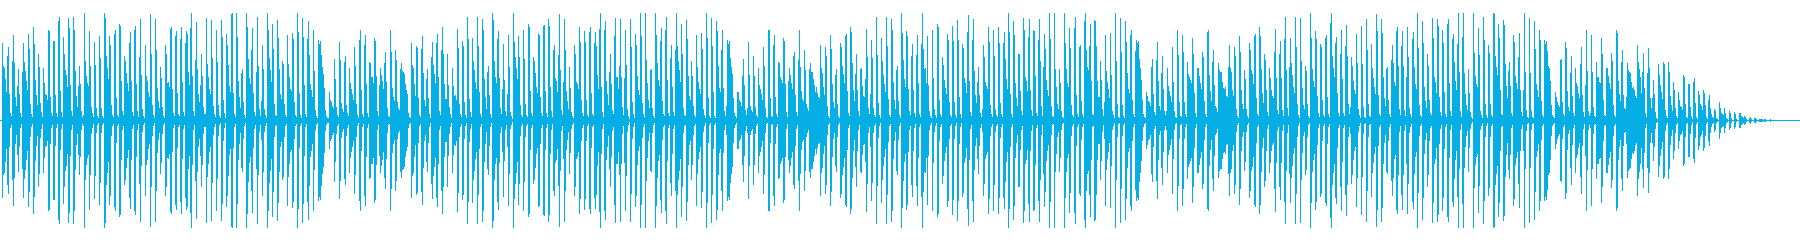 童謡「ちょうちょ」シンプルなピアノソロの再生済みの波形